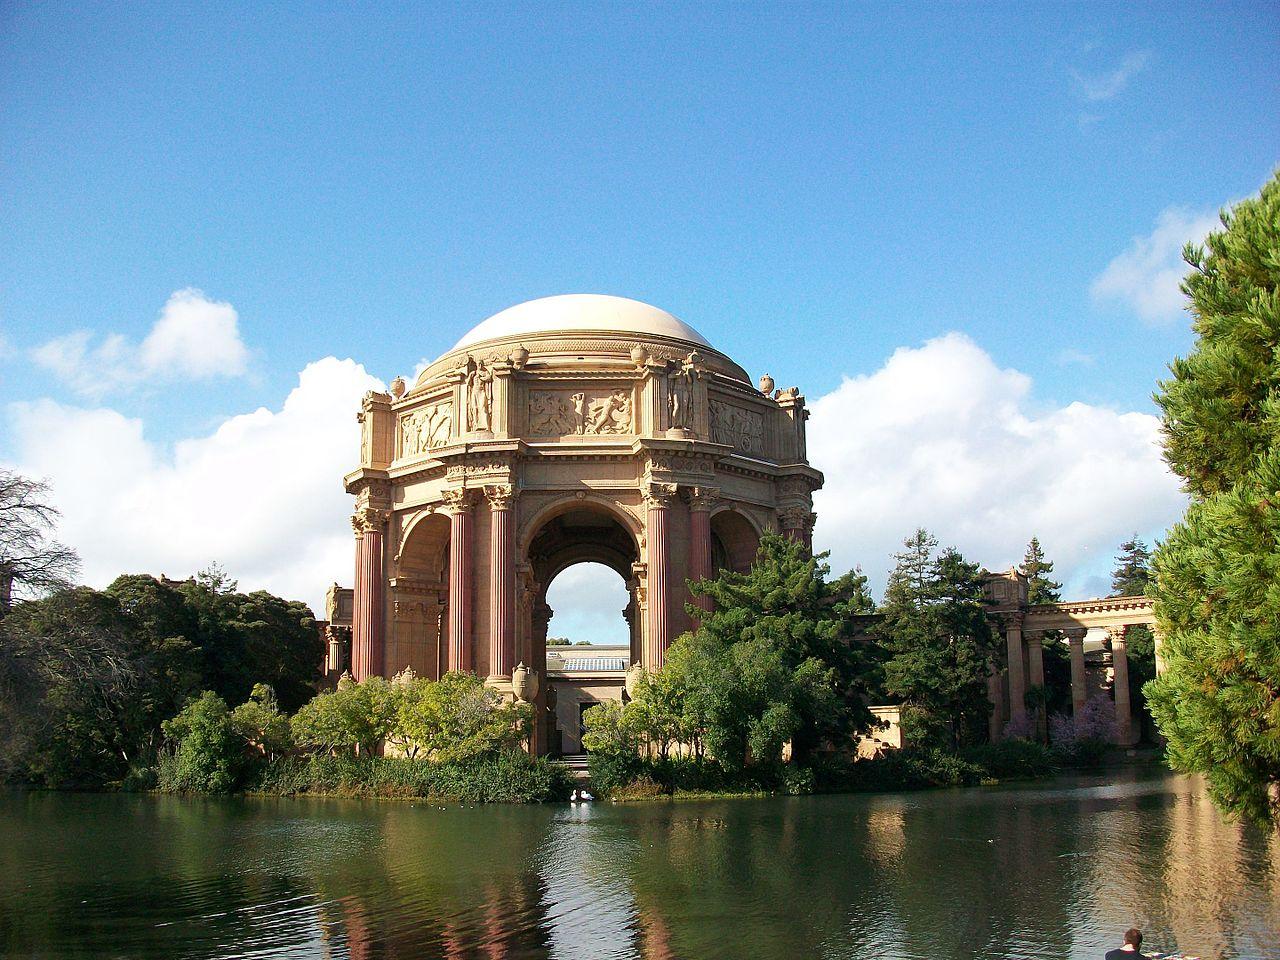 샌프란시스코 과학관 모습